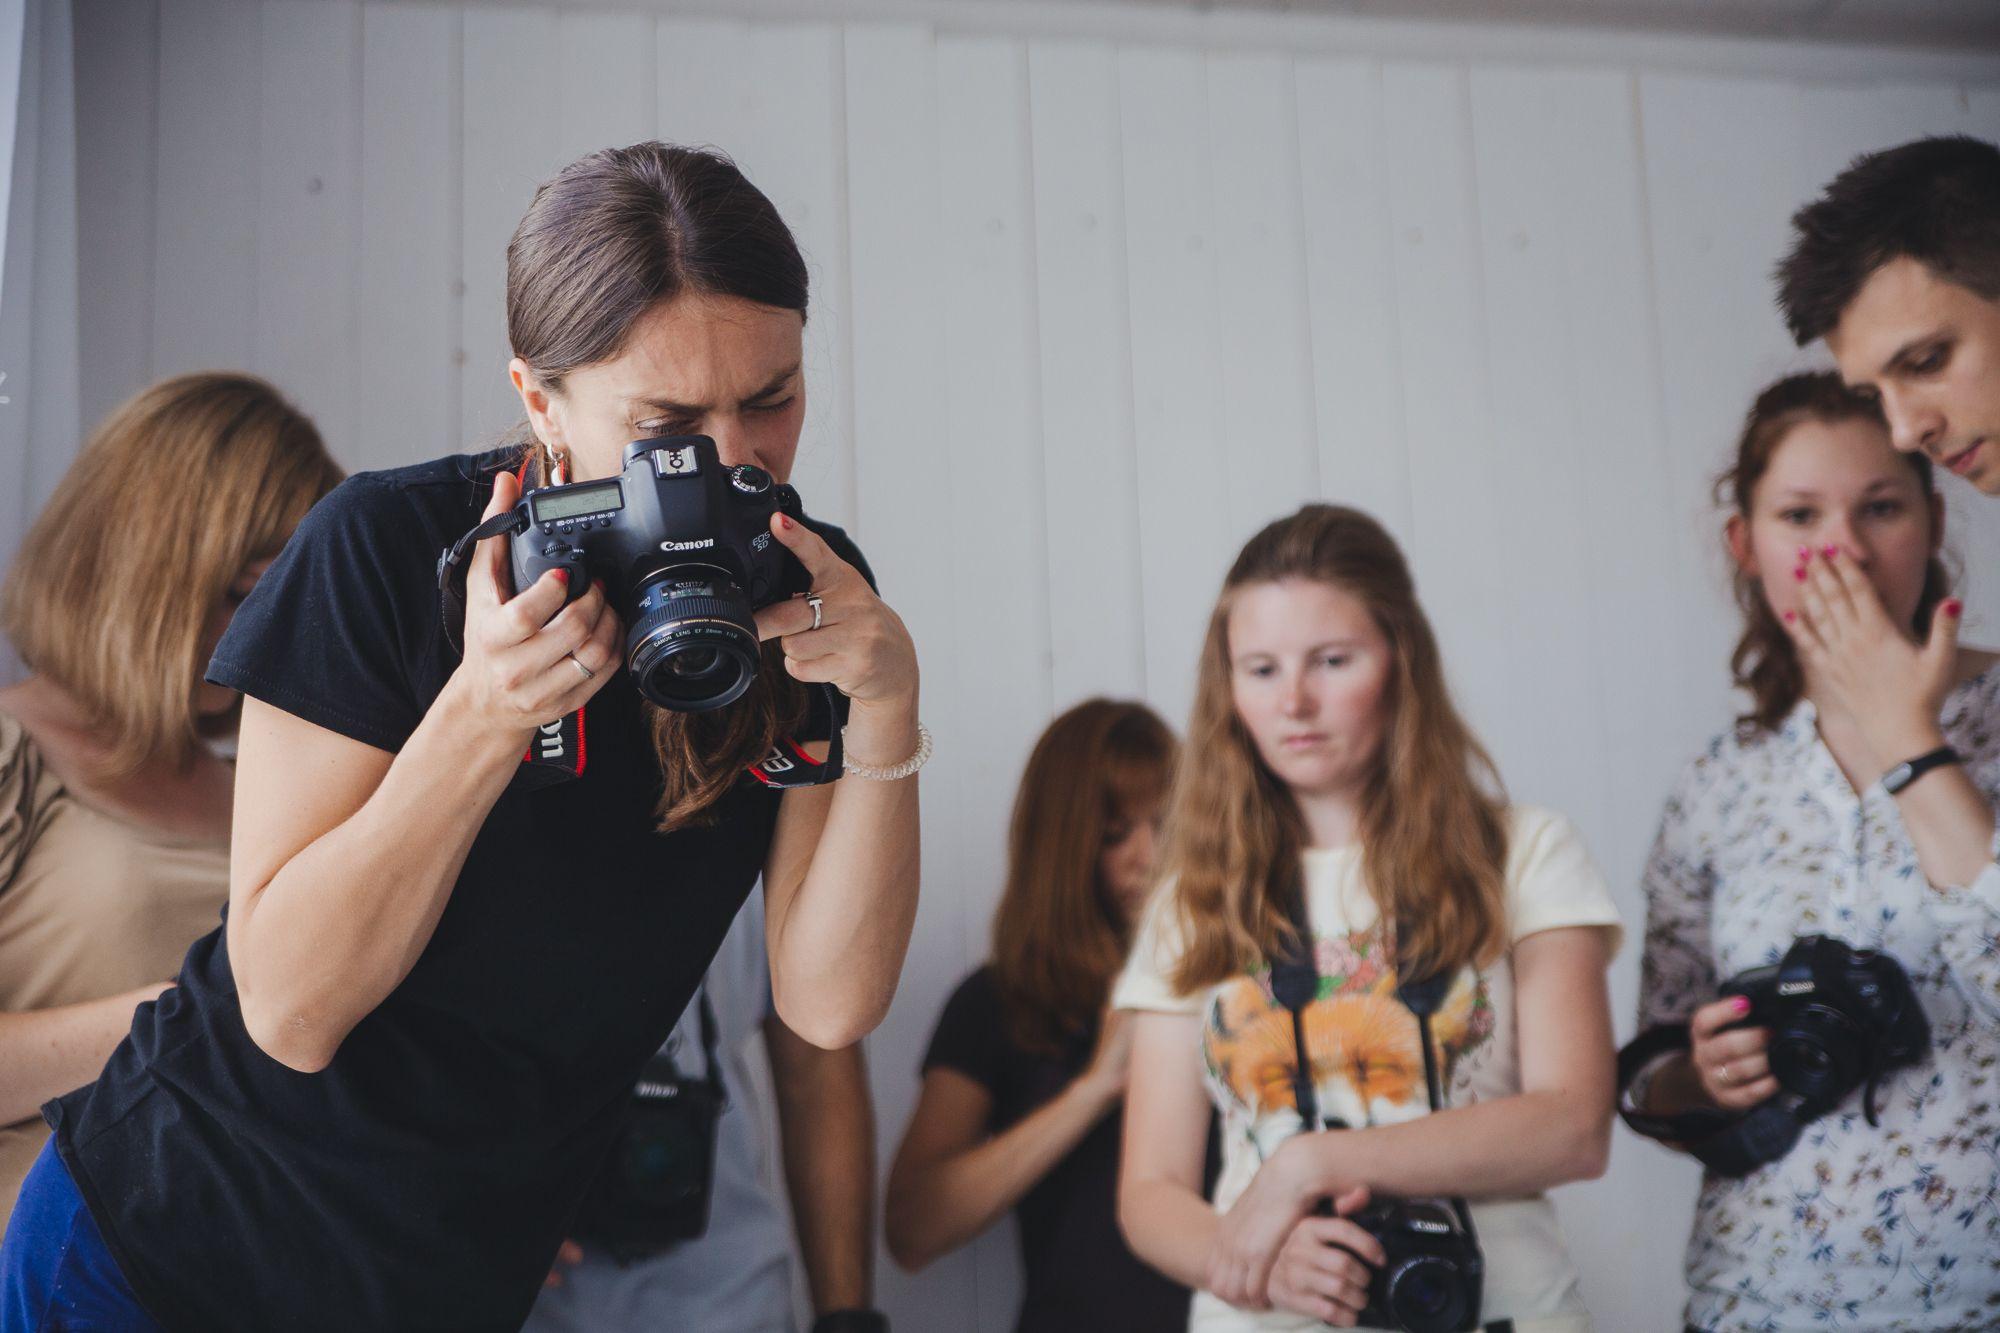 моих любимых вузы где учат на фотографа за границей хотел всему научиться